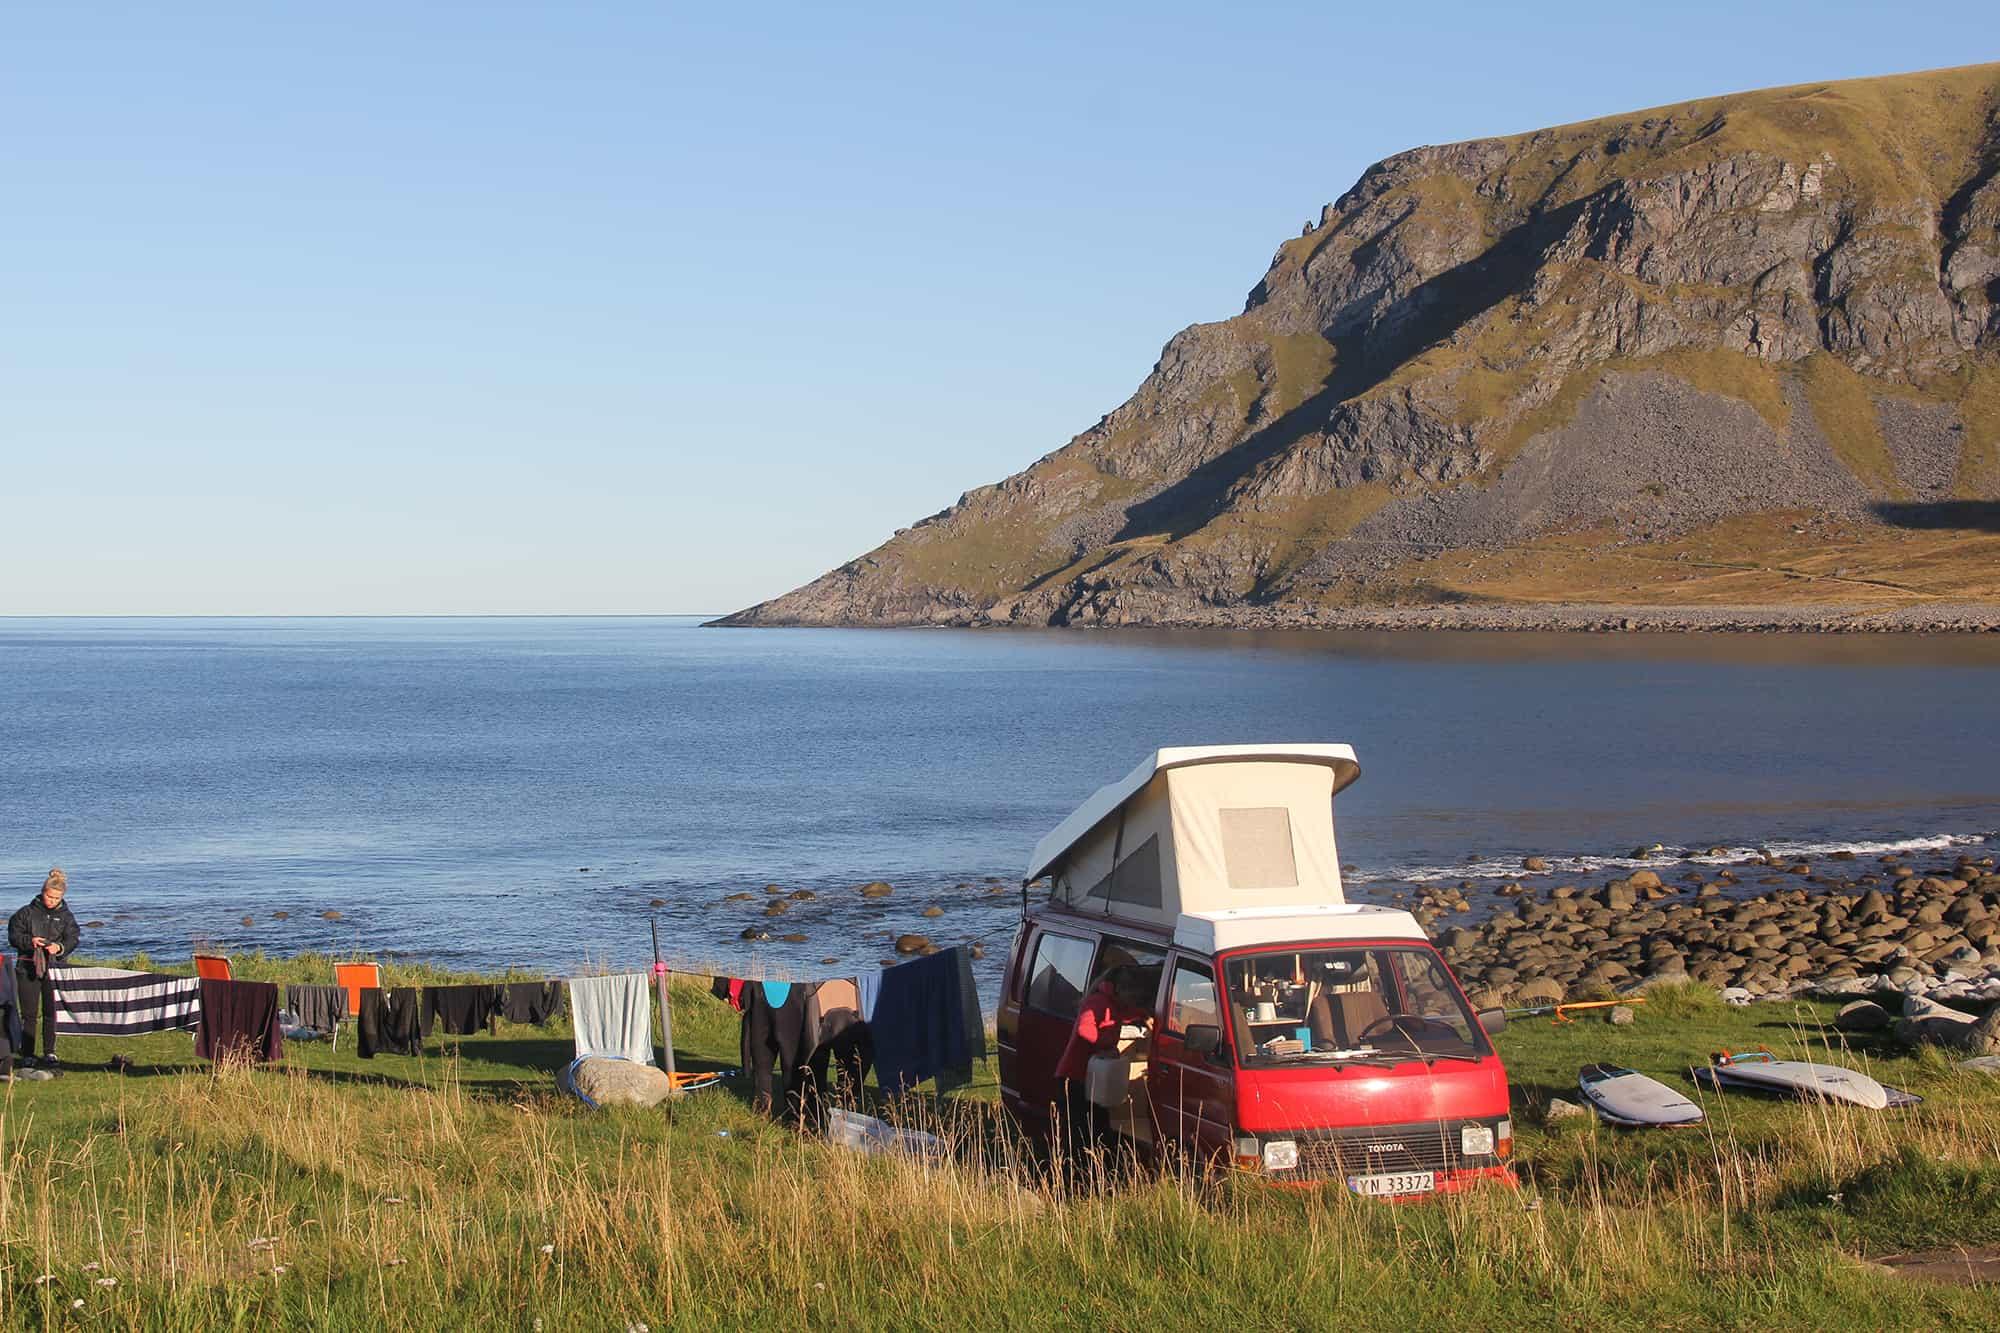 I love the seaside - Glamping eller camping? Med bil finner man alltid et sted å parkere